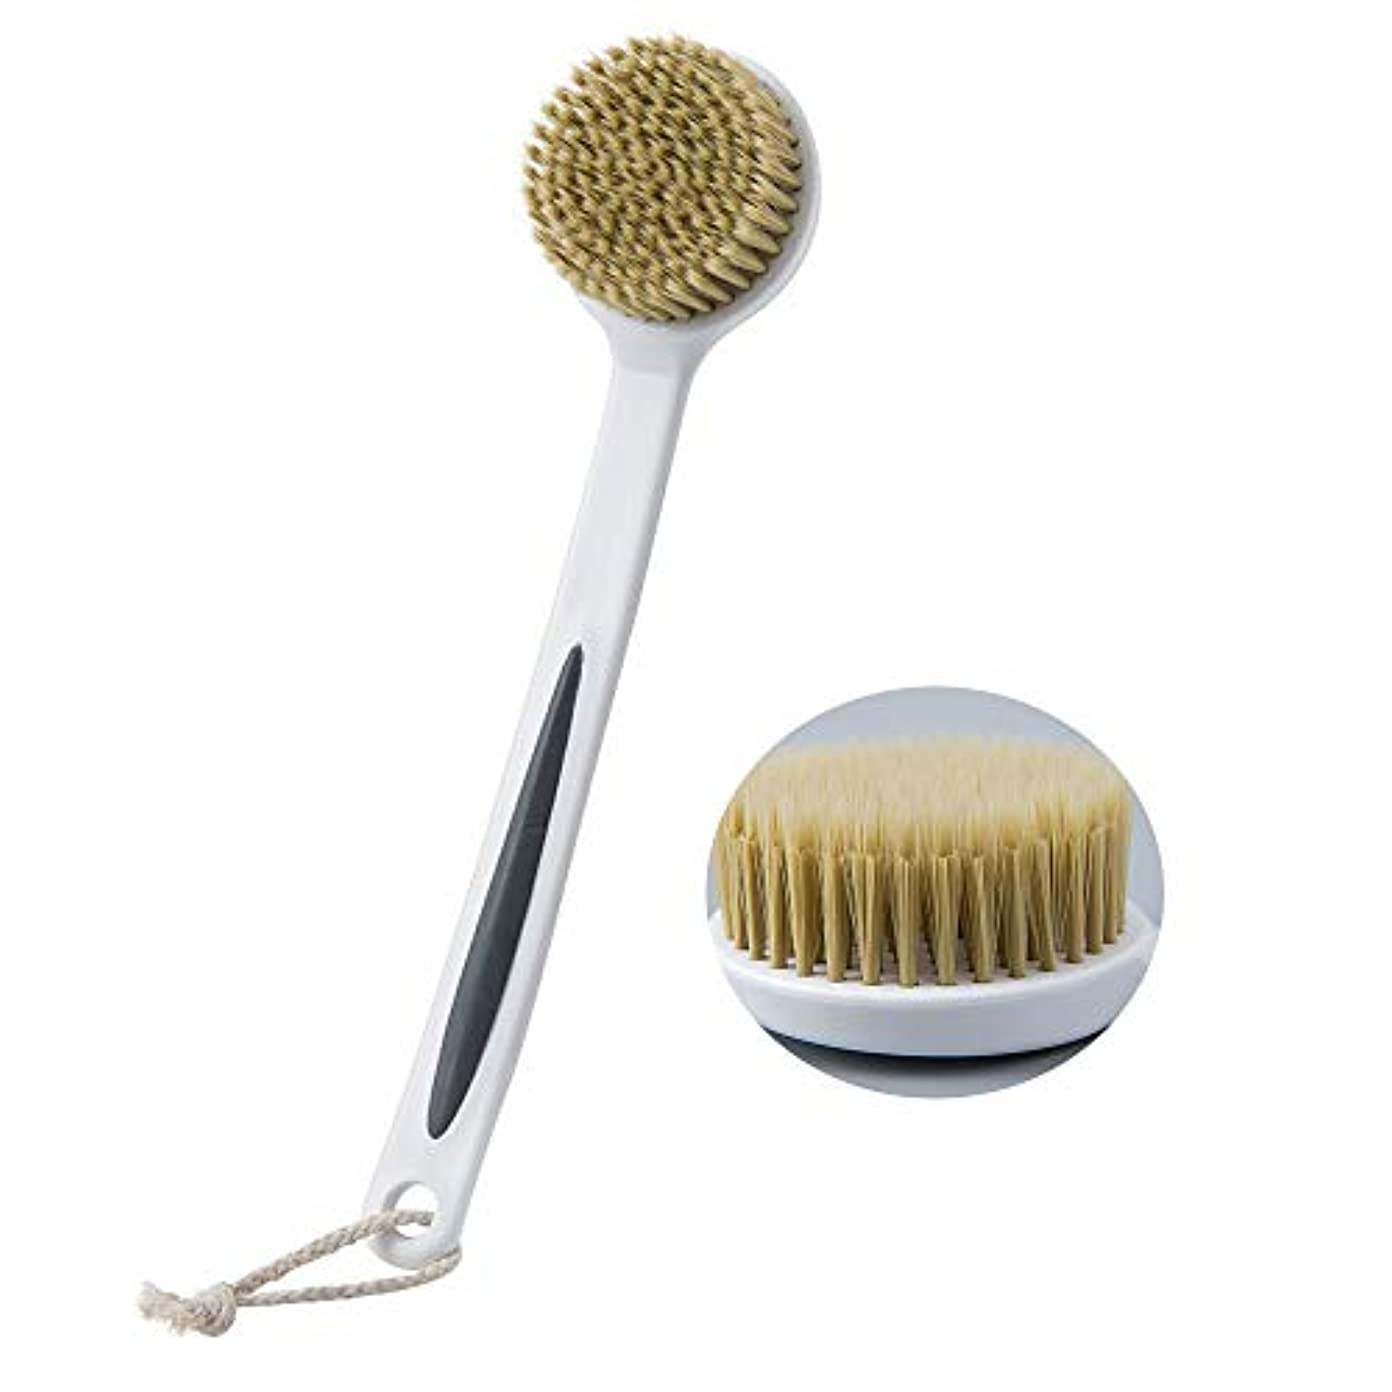 に関してミンチトレイ濡れたまたは乾いた多機能シャワーボディブラシ強力な洗浄スクラバーと超柔らかいブリスティと長いハンドルが、角質を取り除きますセルライトの血液循環を助けます